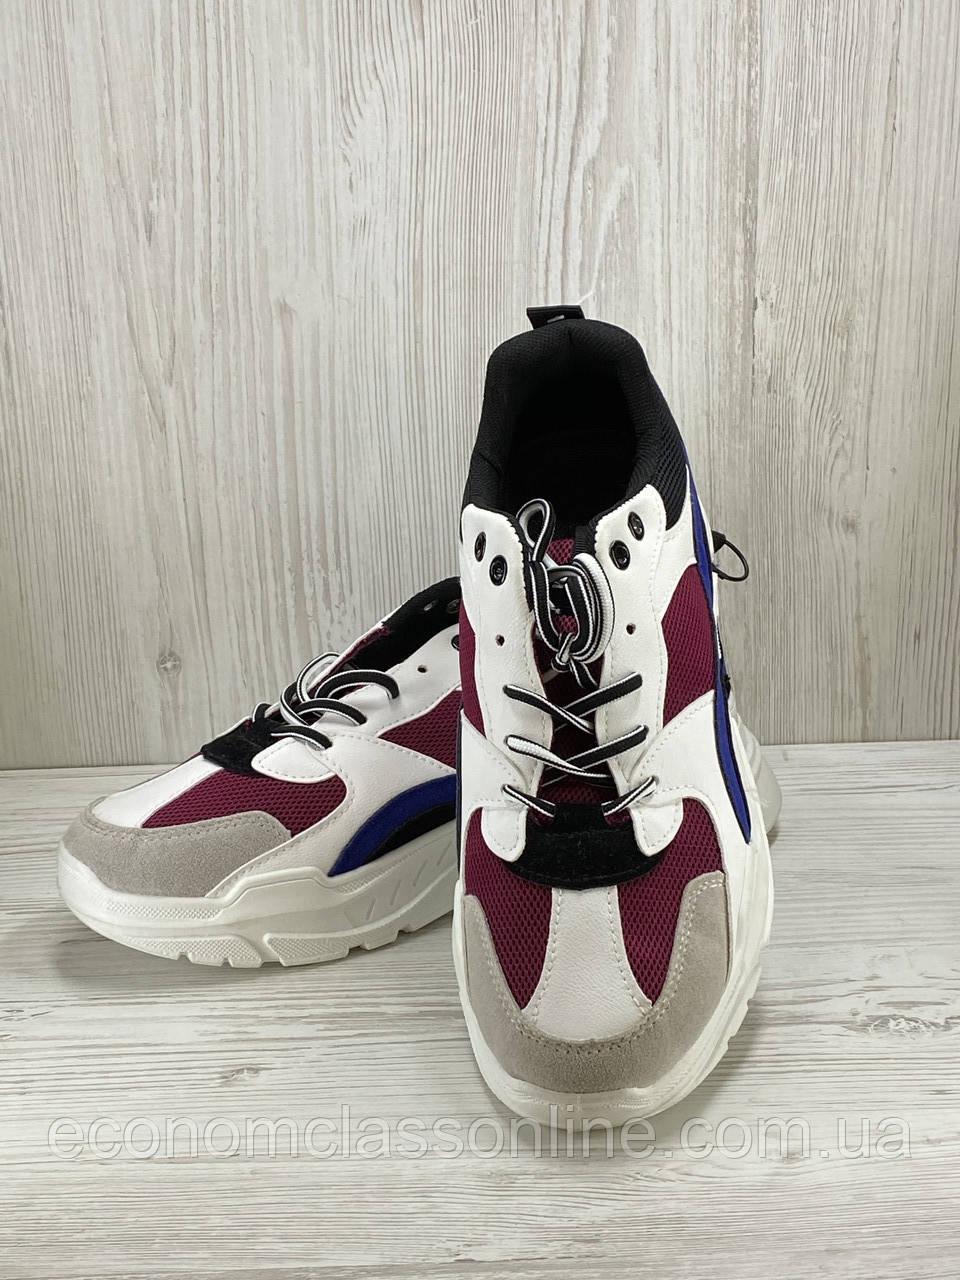 Взуття спорт 7533, 40-44, z737